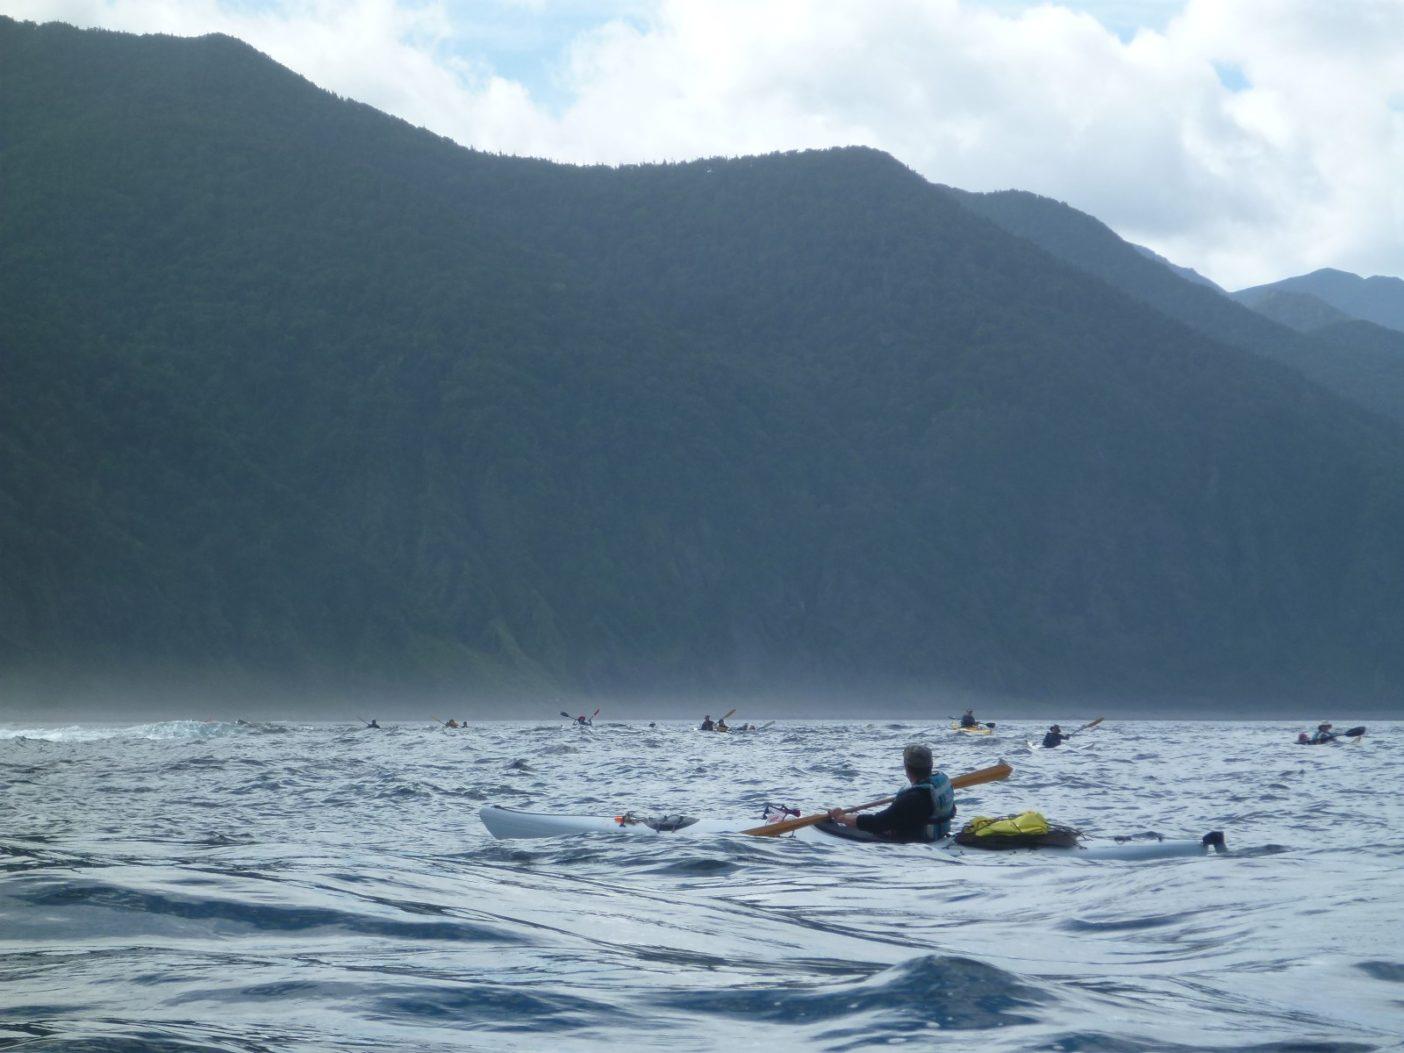 後続を見守る。岬はすぐそこ。写真:神山知子